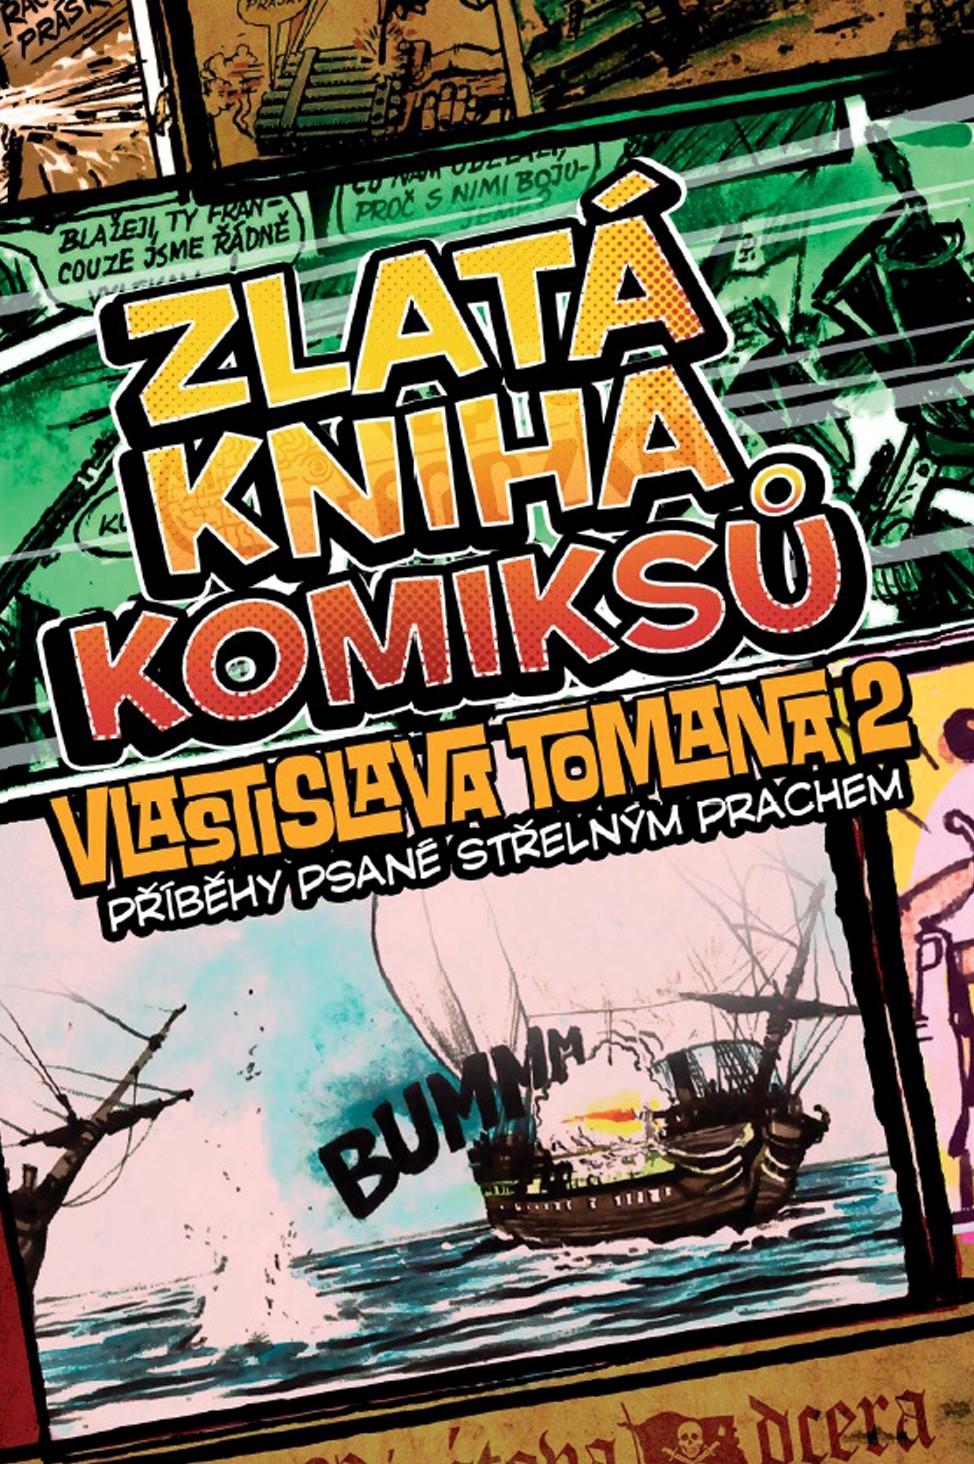 Zlatá kniha komiksů Vlastislava Tomana 2: Příběhy psané střelným prachem